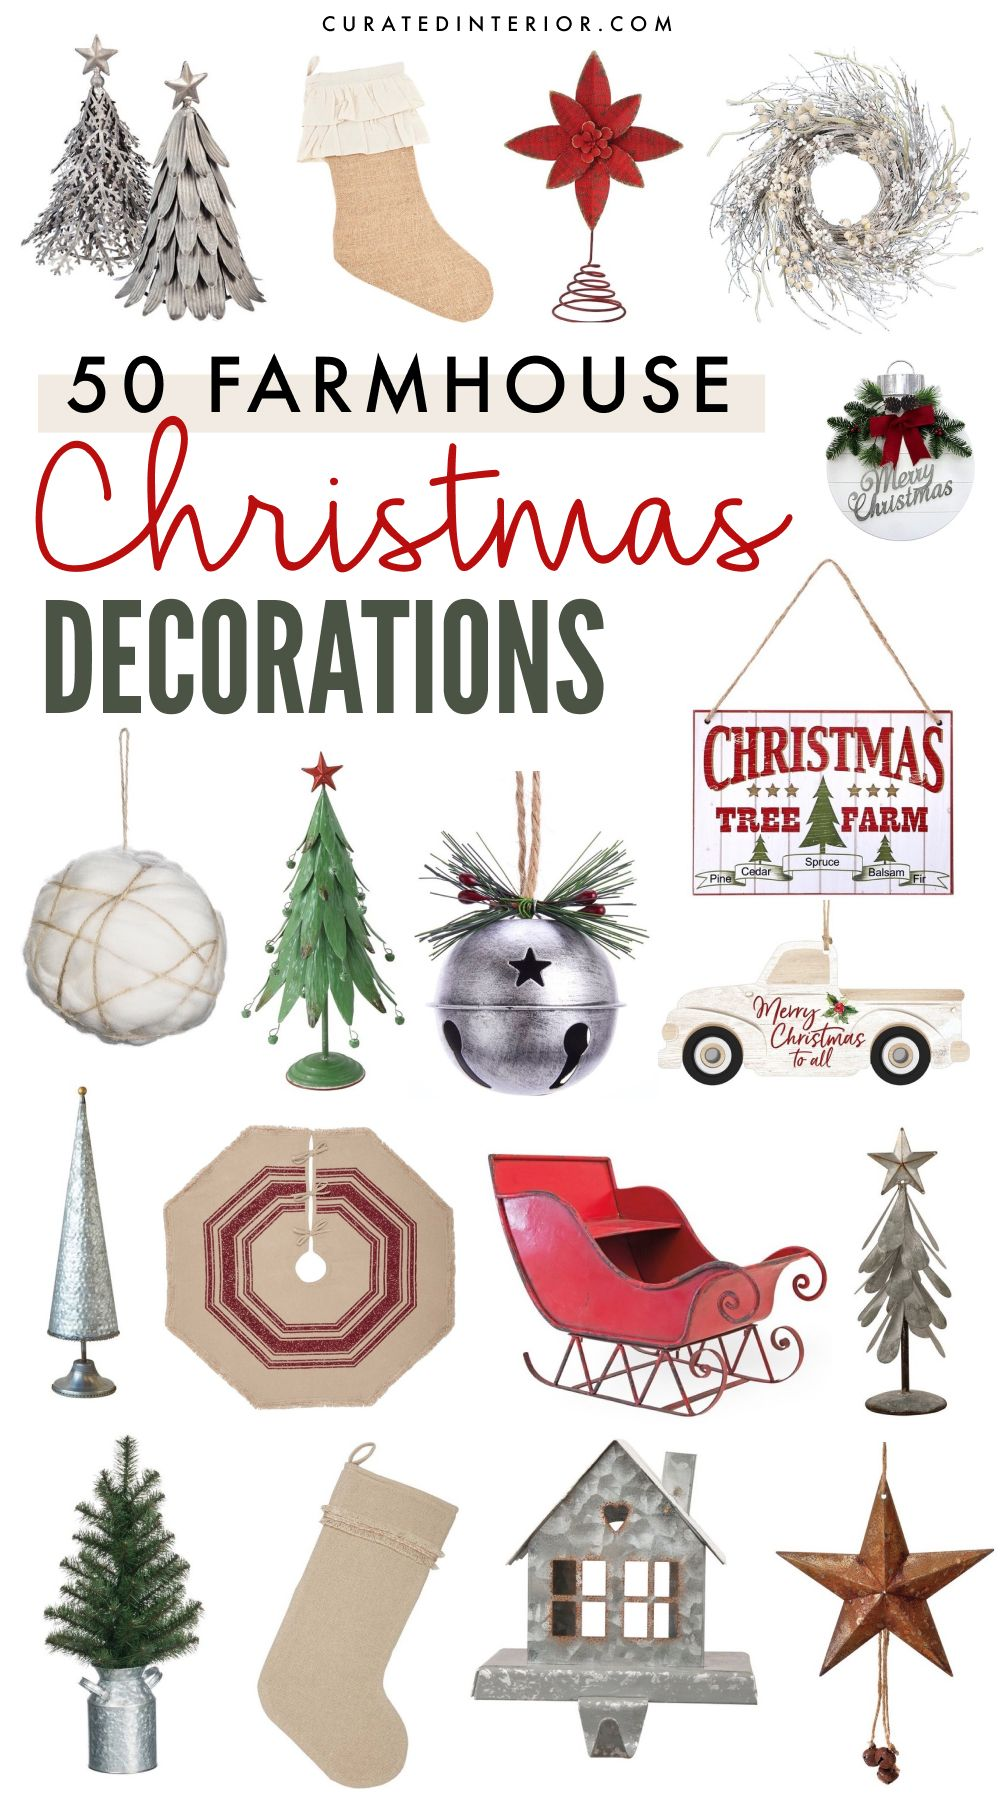 50 Festive Farmhouse Christmas Decorations